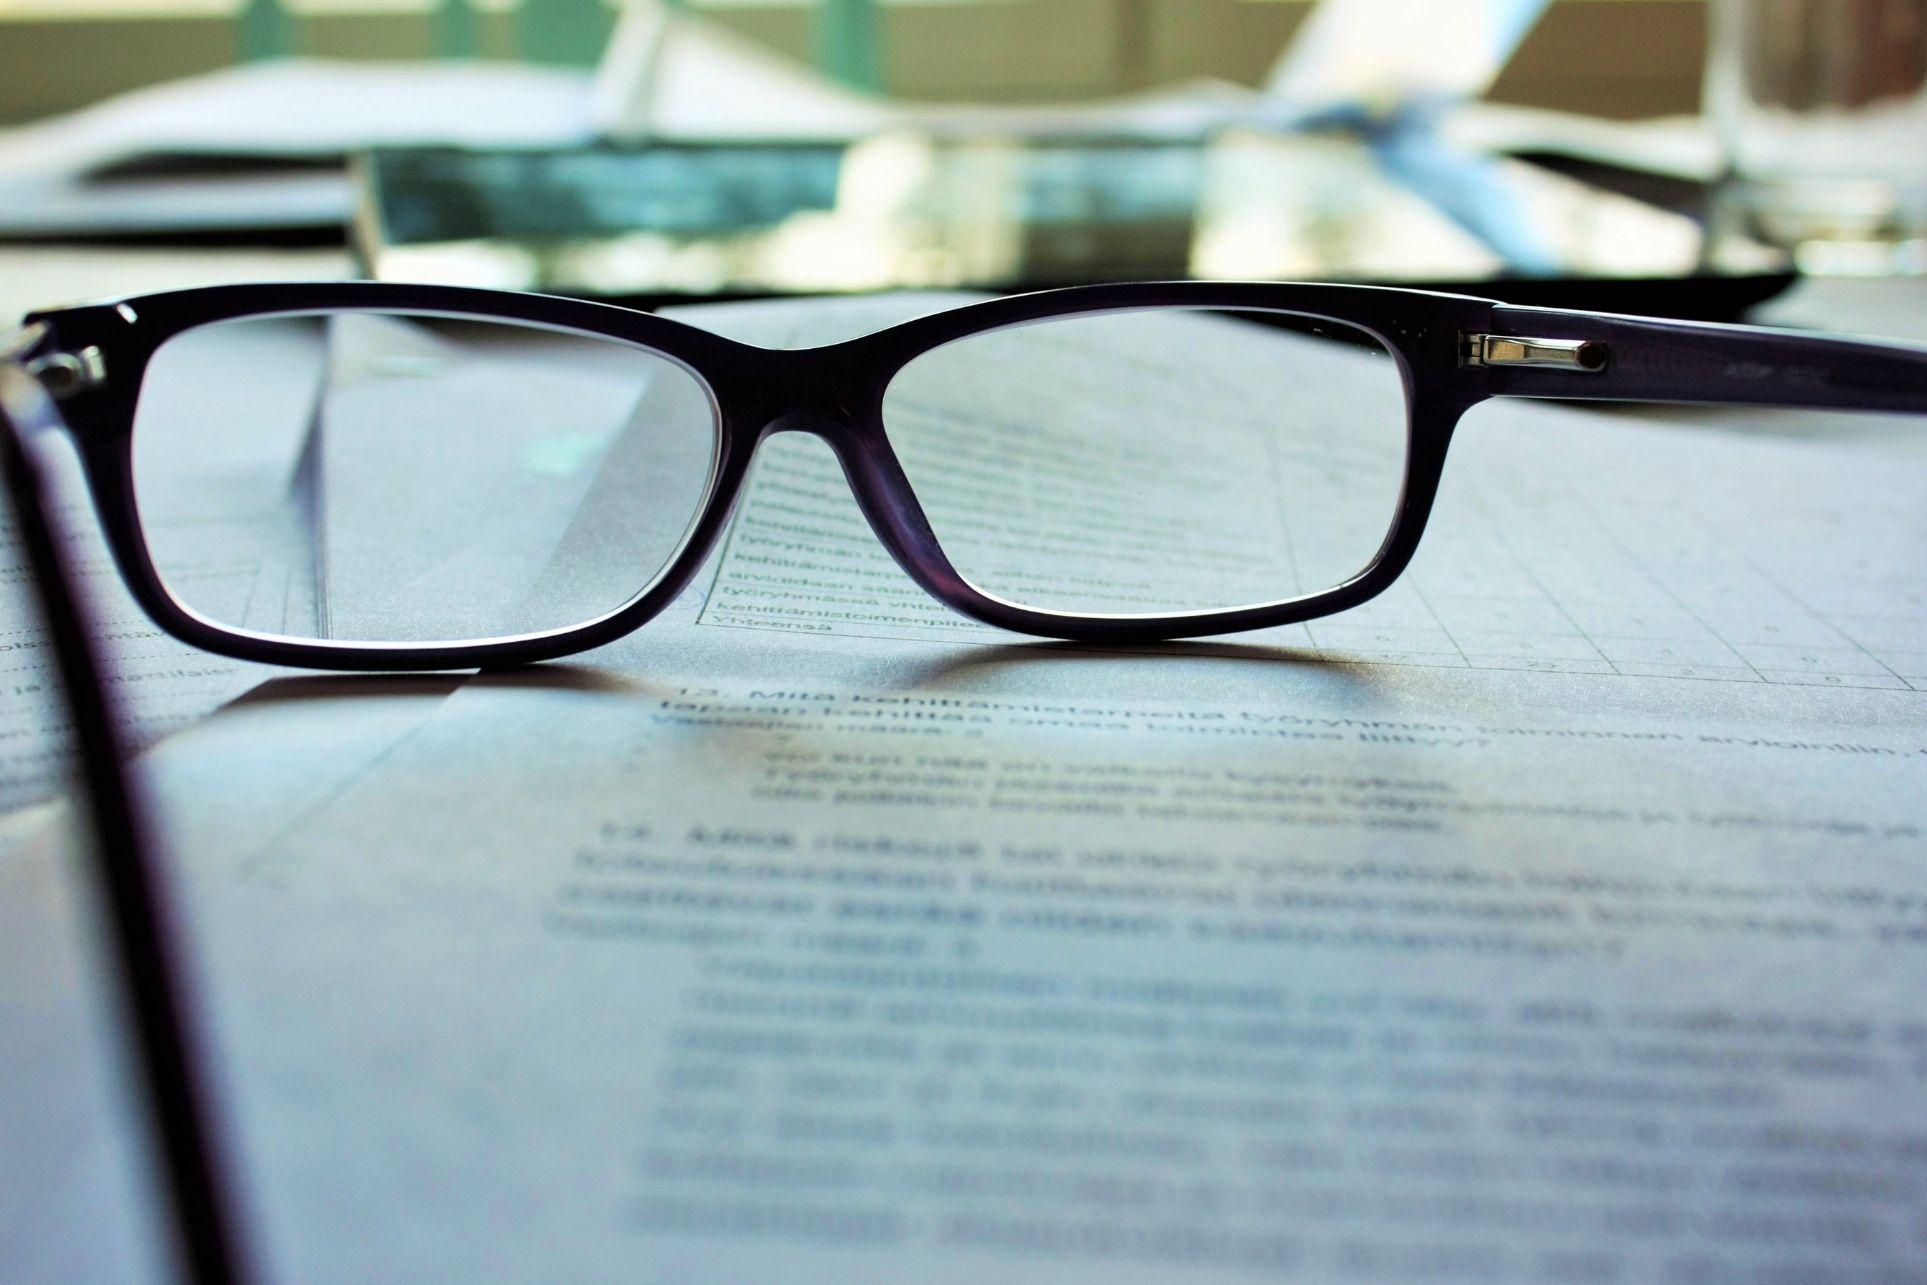 Requisitos para Acogerse a la Ley de Segunda Oportunidad